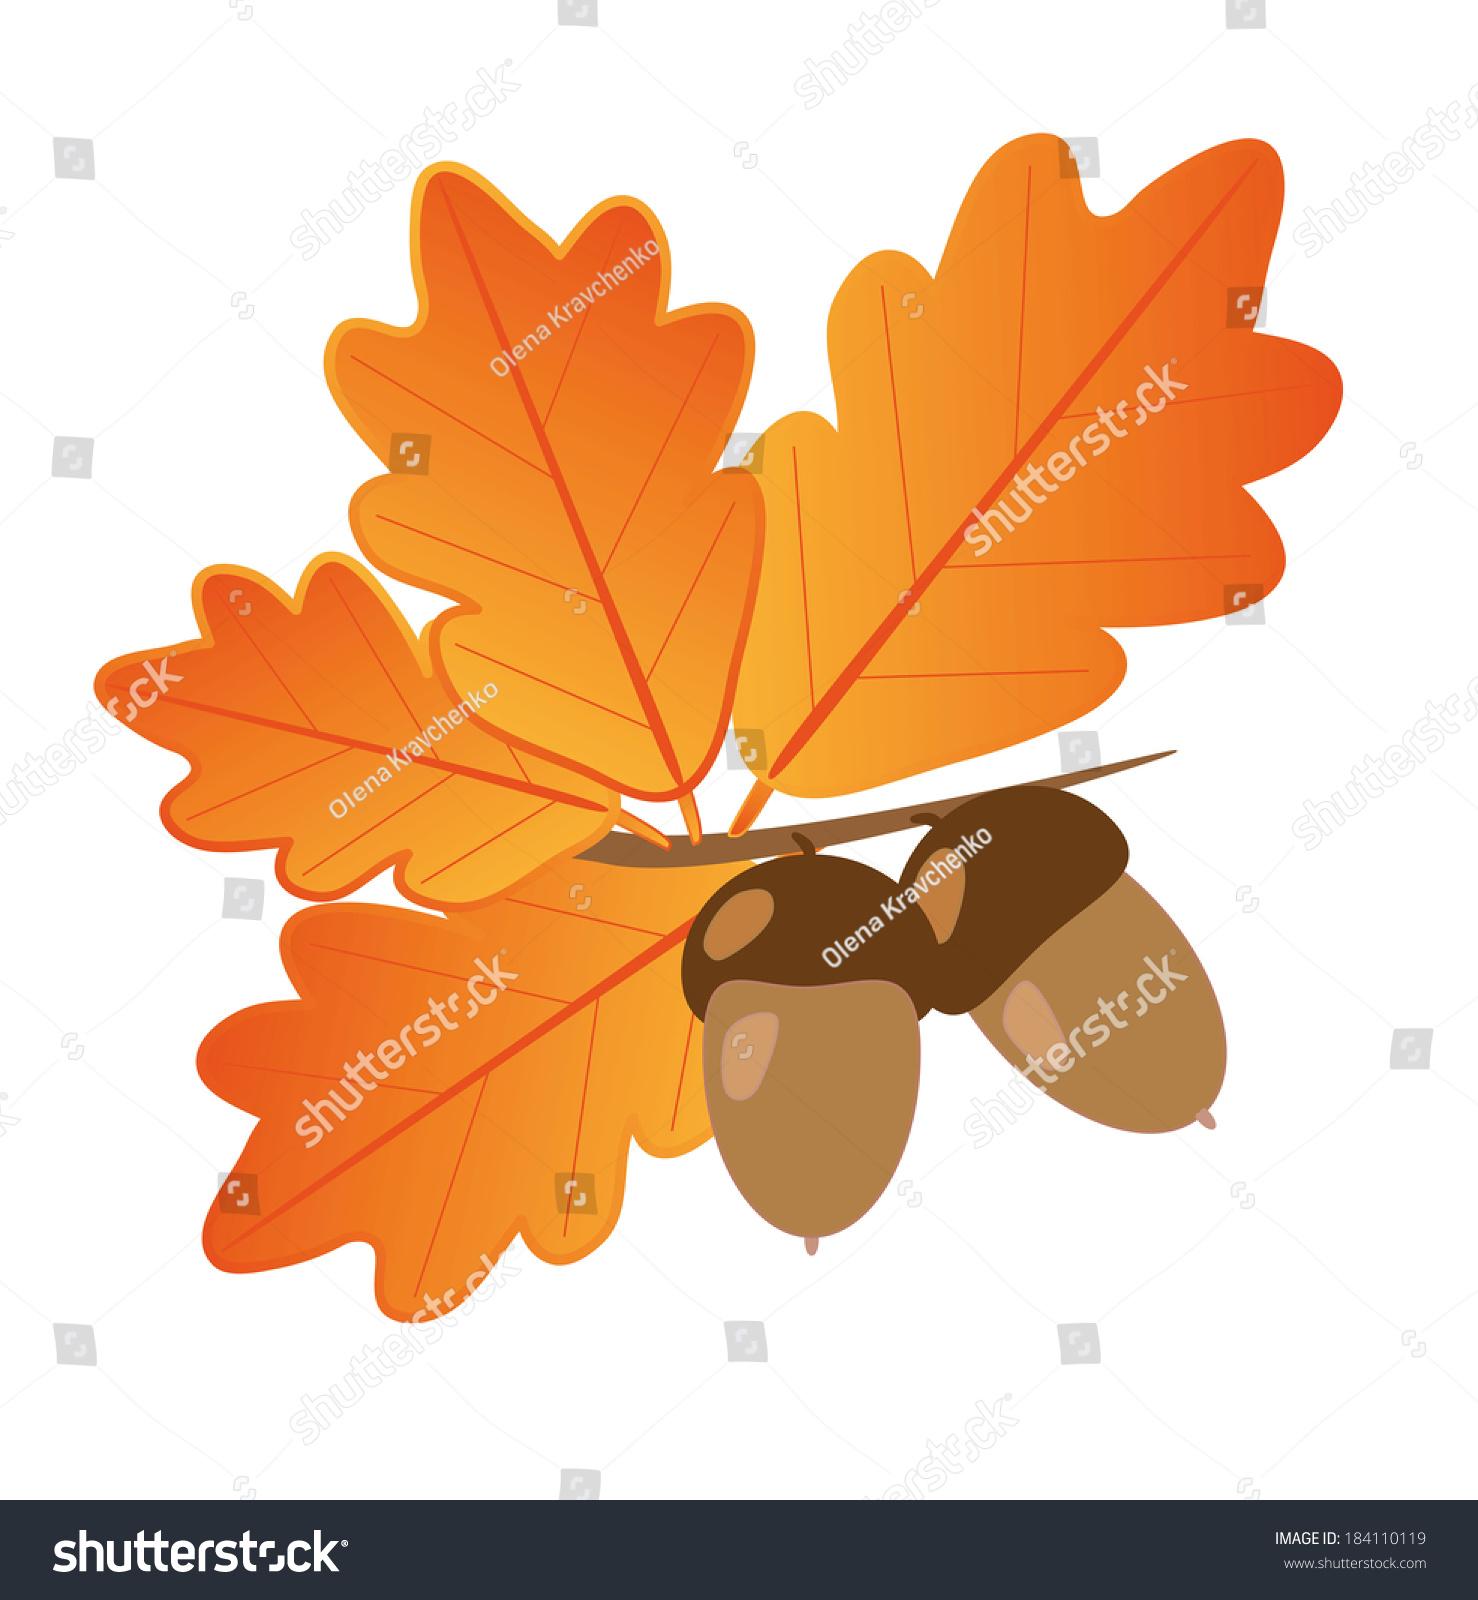 acorns oak leaves stock vector 184110119 shutterstock